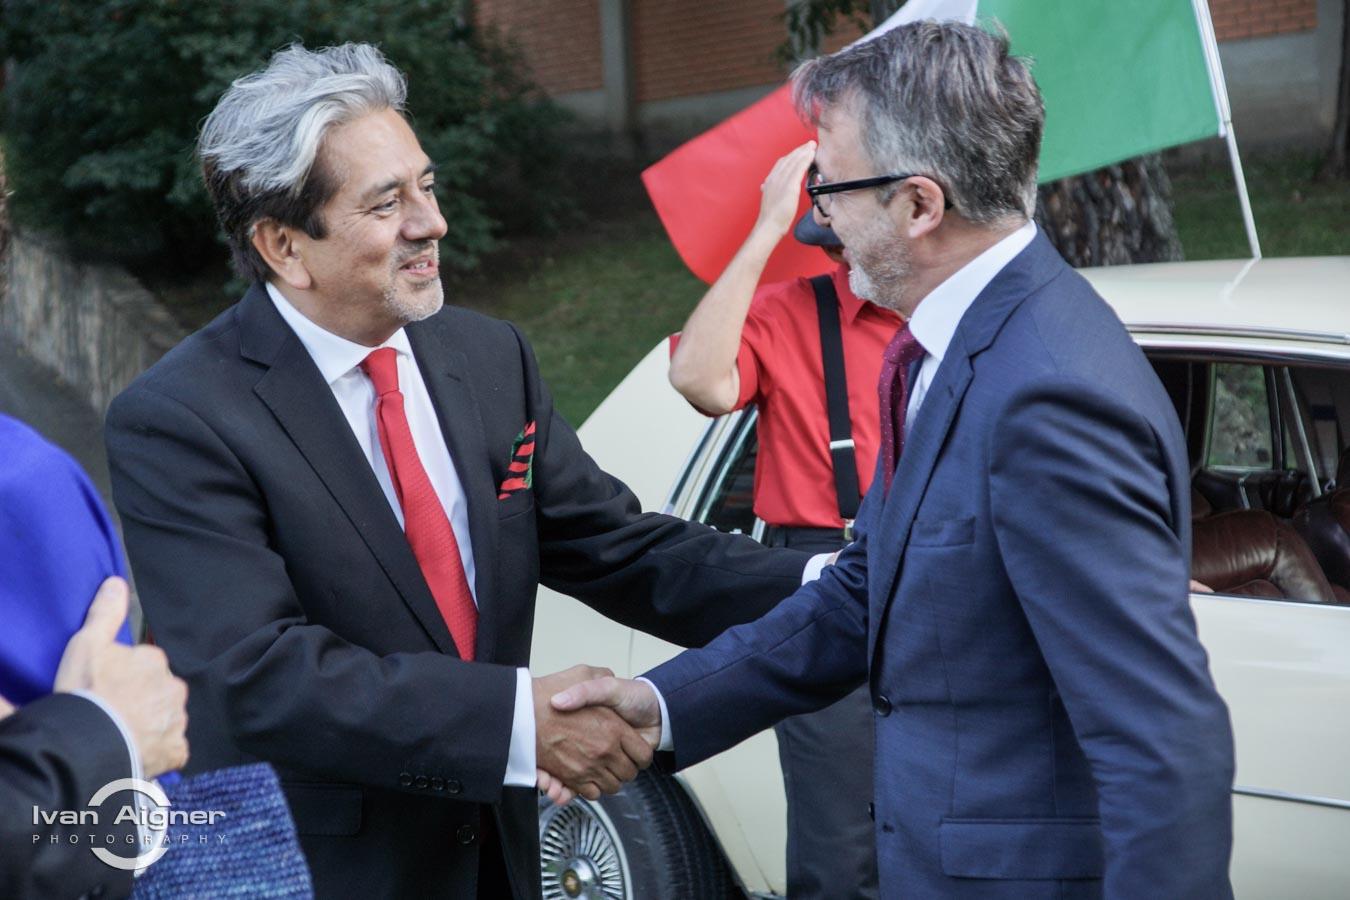 Őexc. David Nájera Rivas mexikói és Kocsis István, a Svájci Nagykövetség tanácsosa